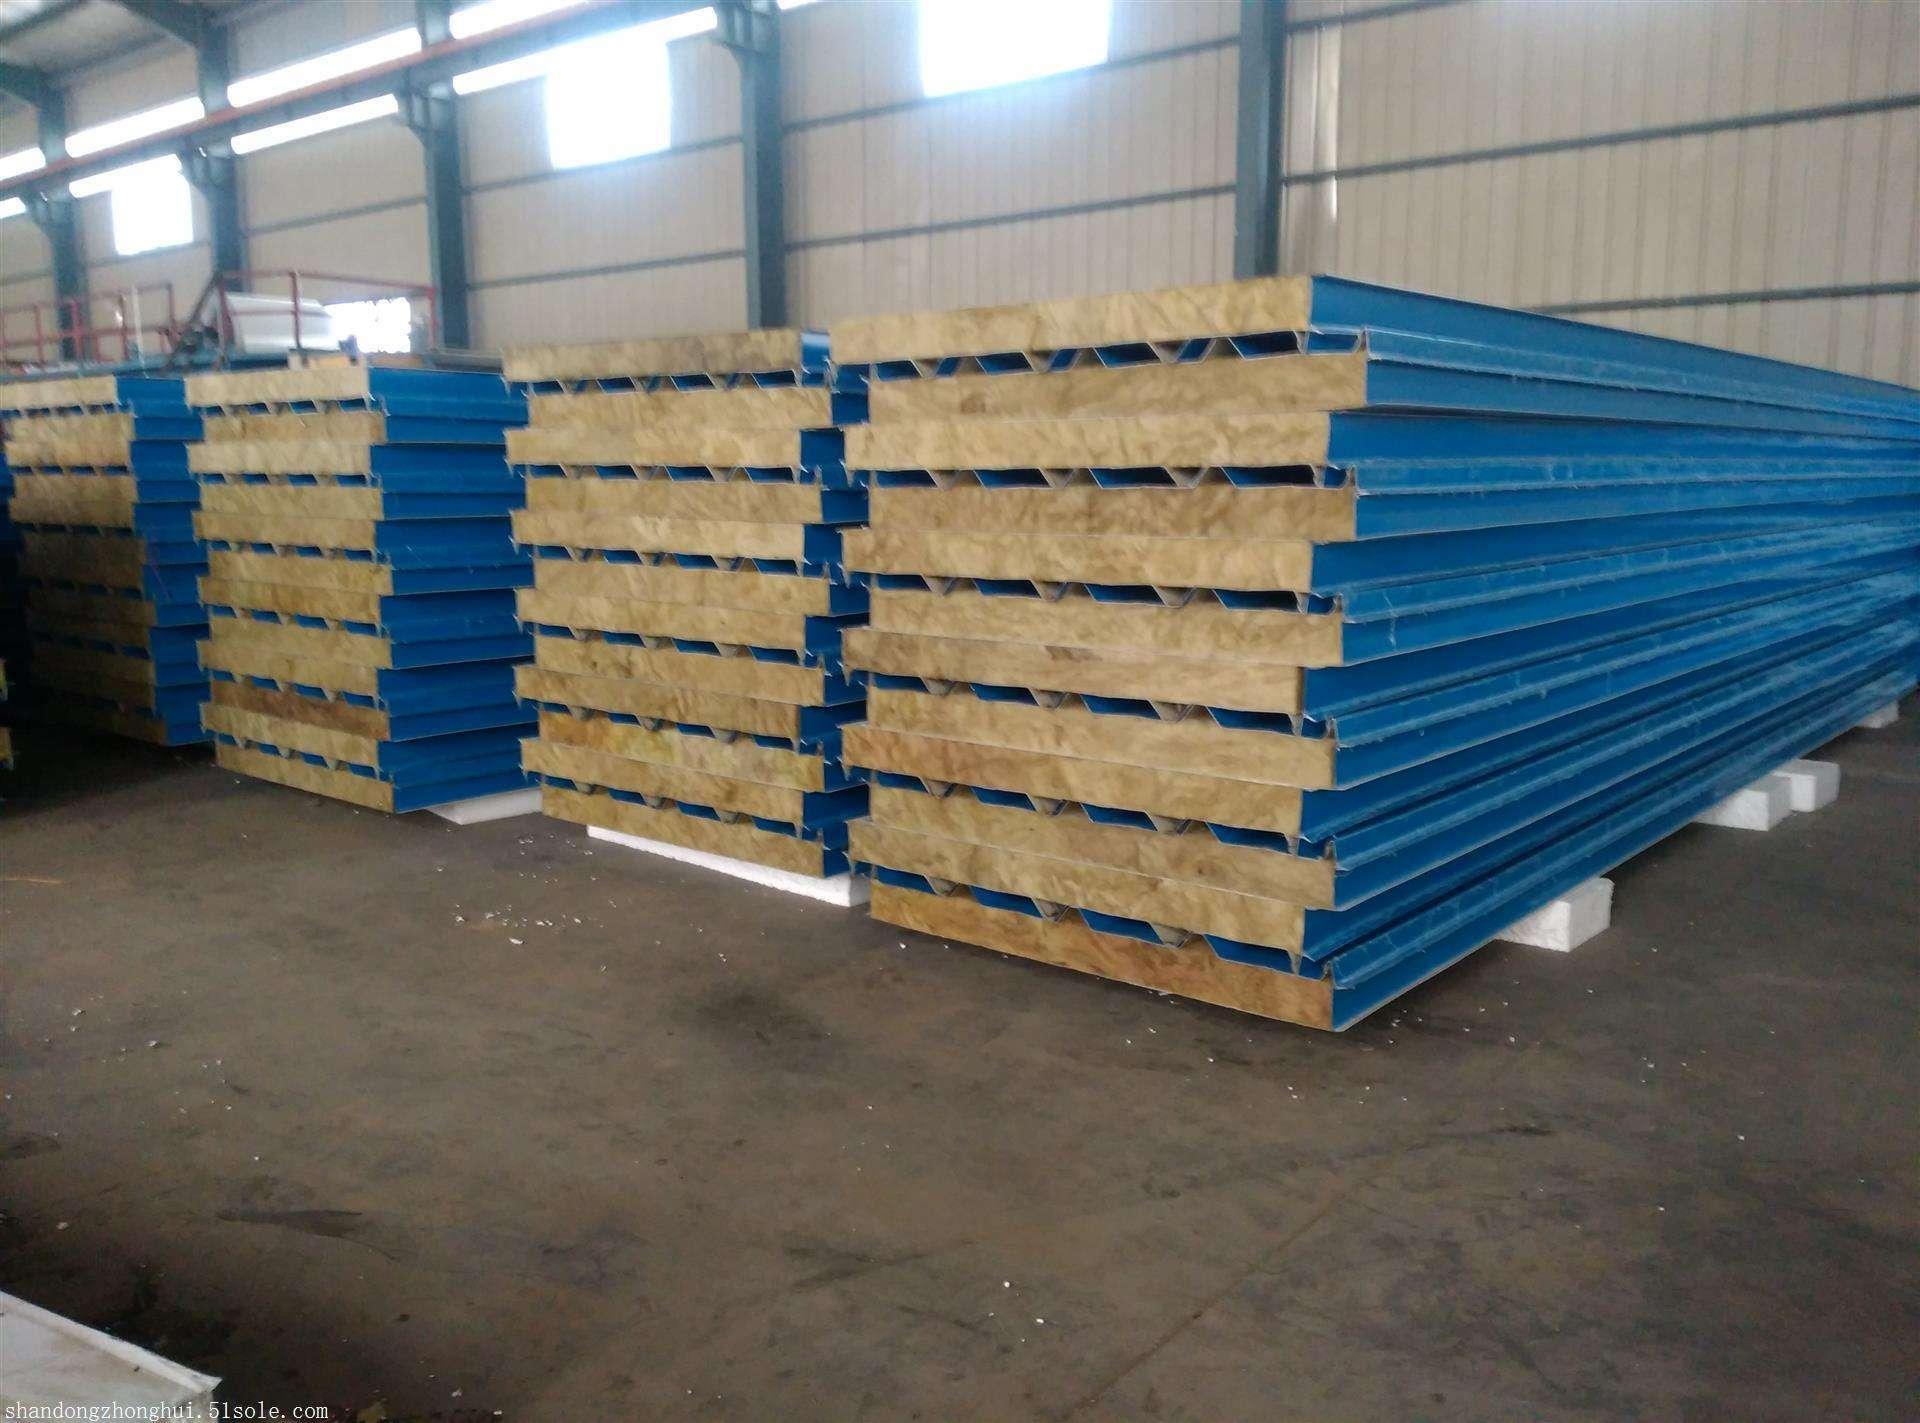 供应呼伦贝尔优良呼伦贝尔岩棉板 呼伦贝尔岩棉板厂家产品大图